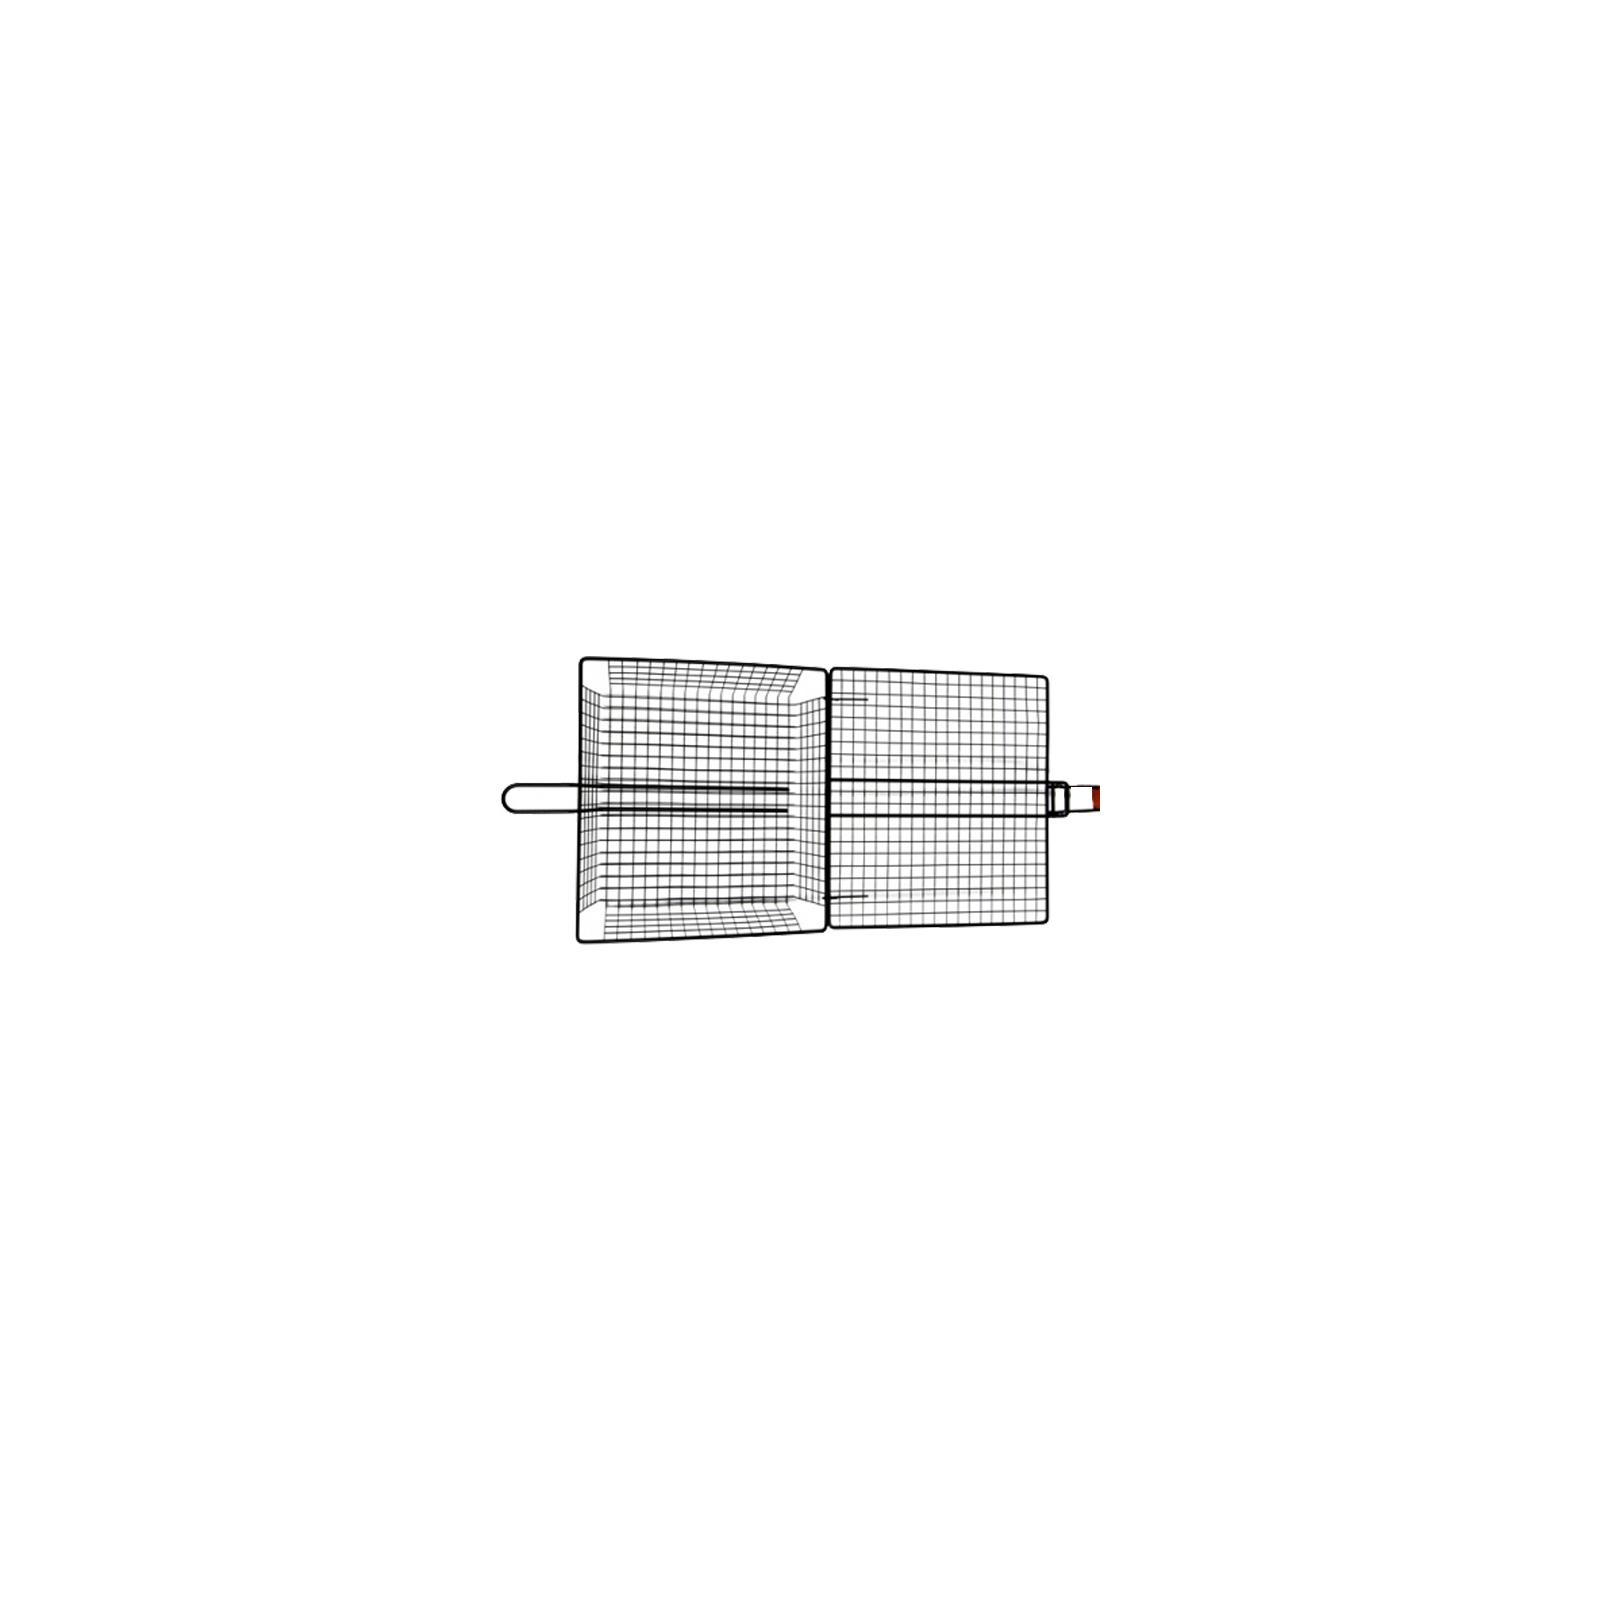 Решётка для гриля Time Eco 2109 антипригарная (2109) изображение 5